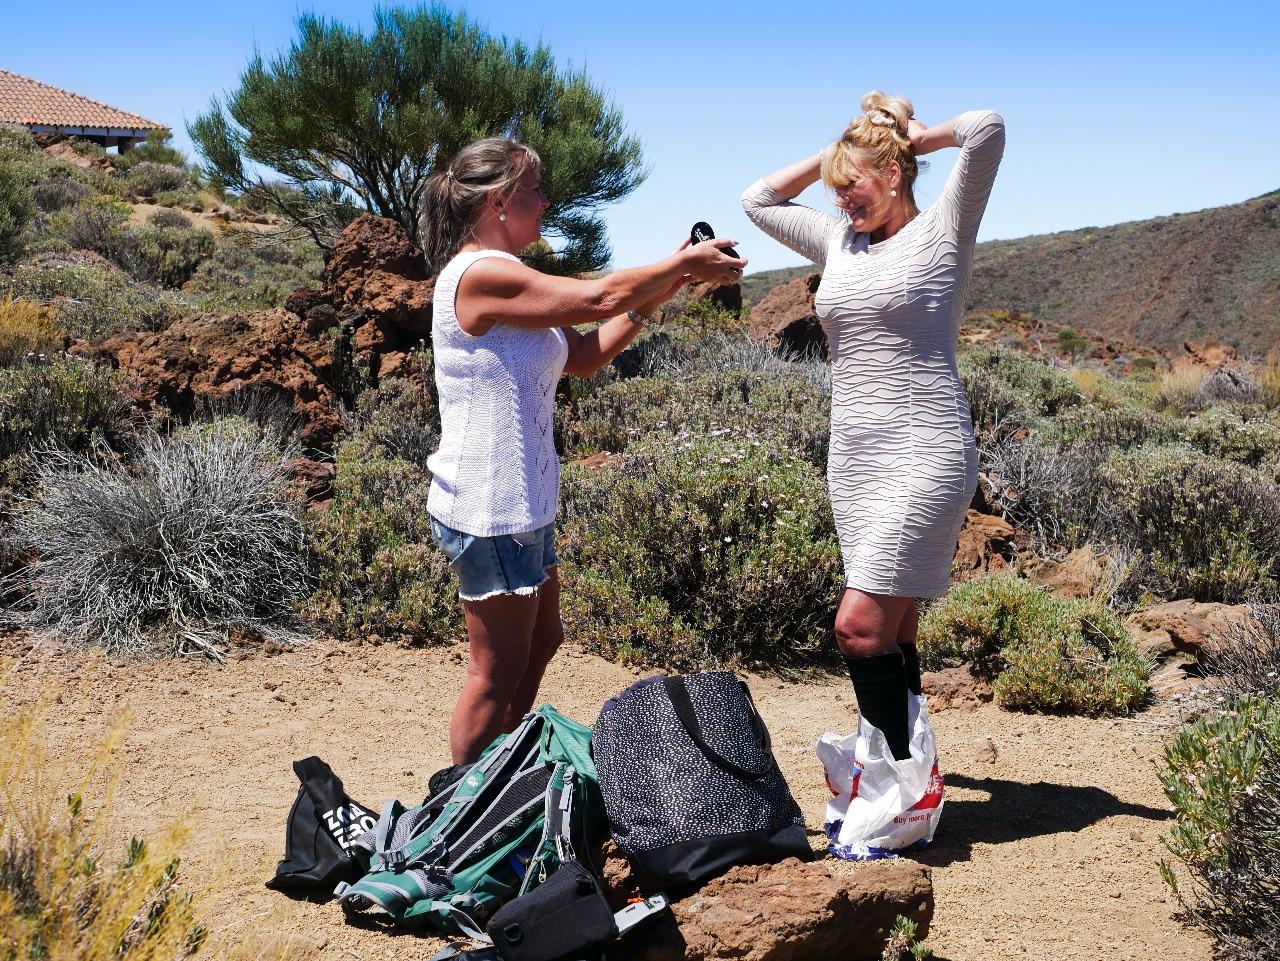 Fotoshooting auf Teneriffa mit zeitlos bezaubernd Best Ager Model